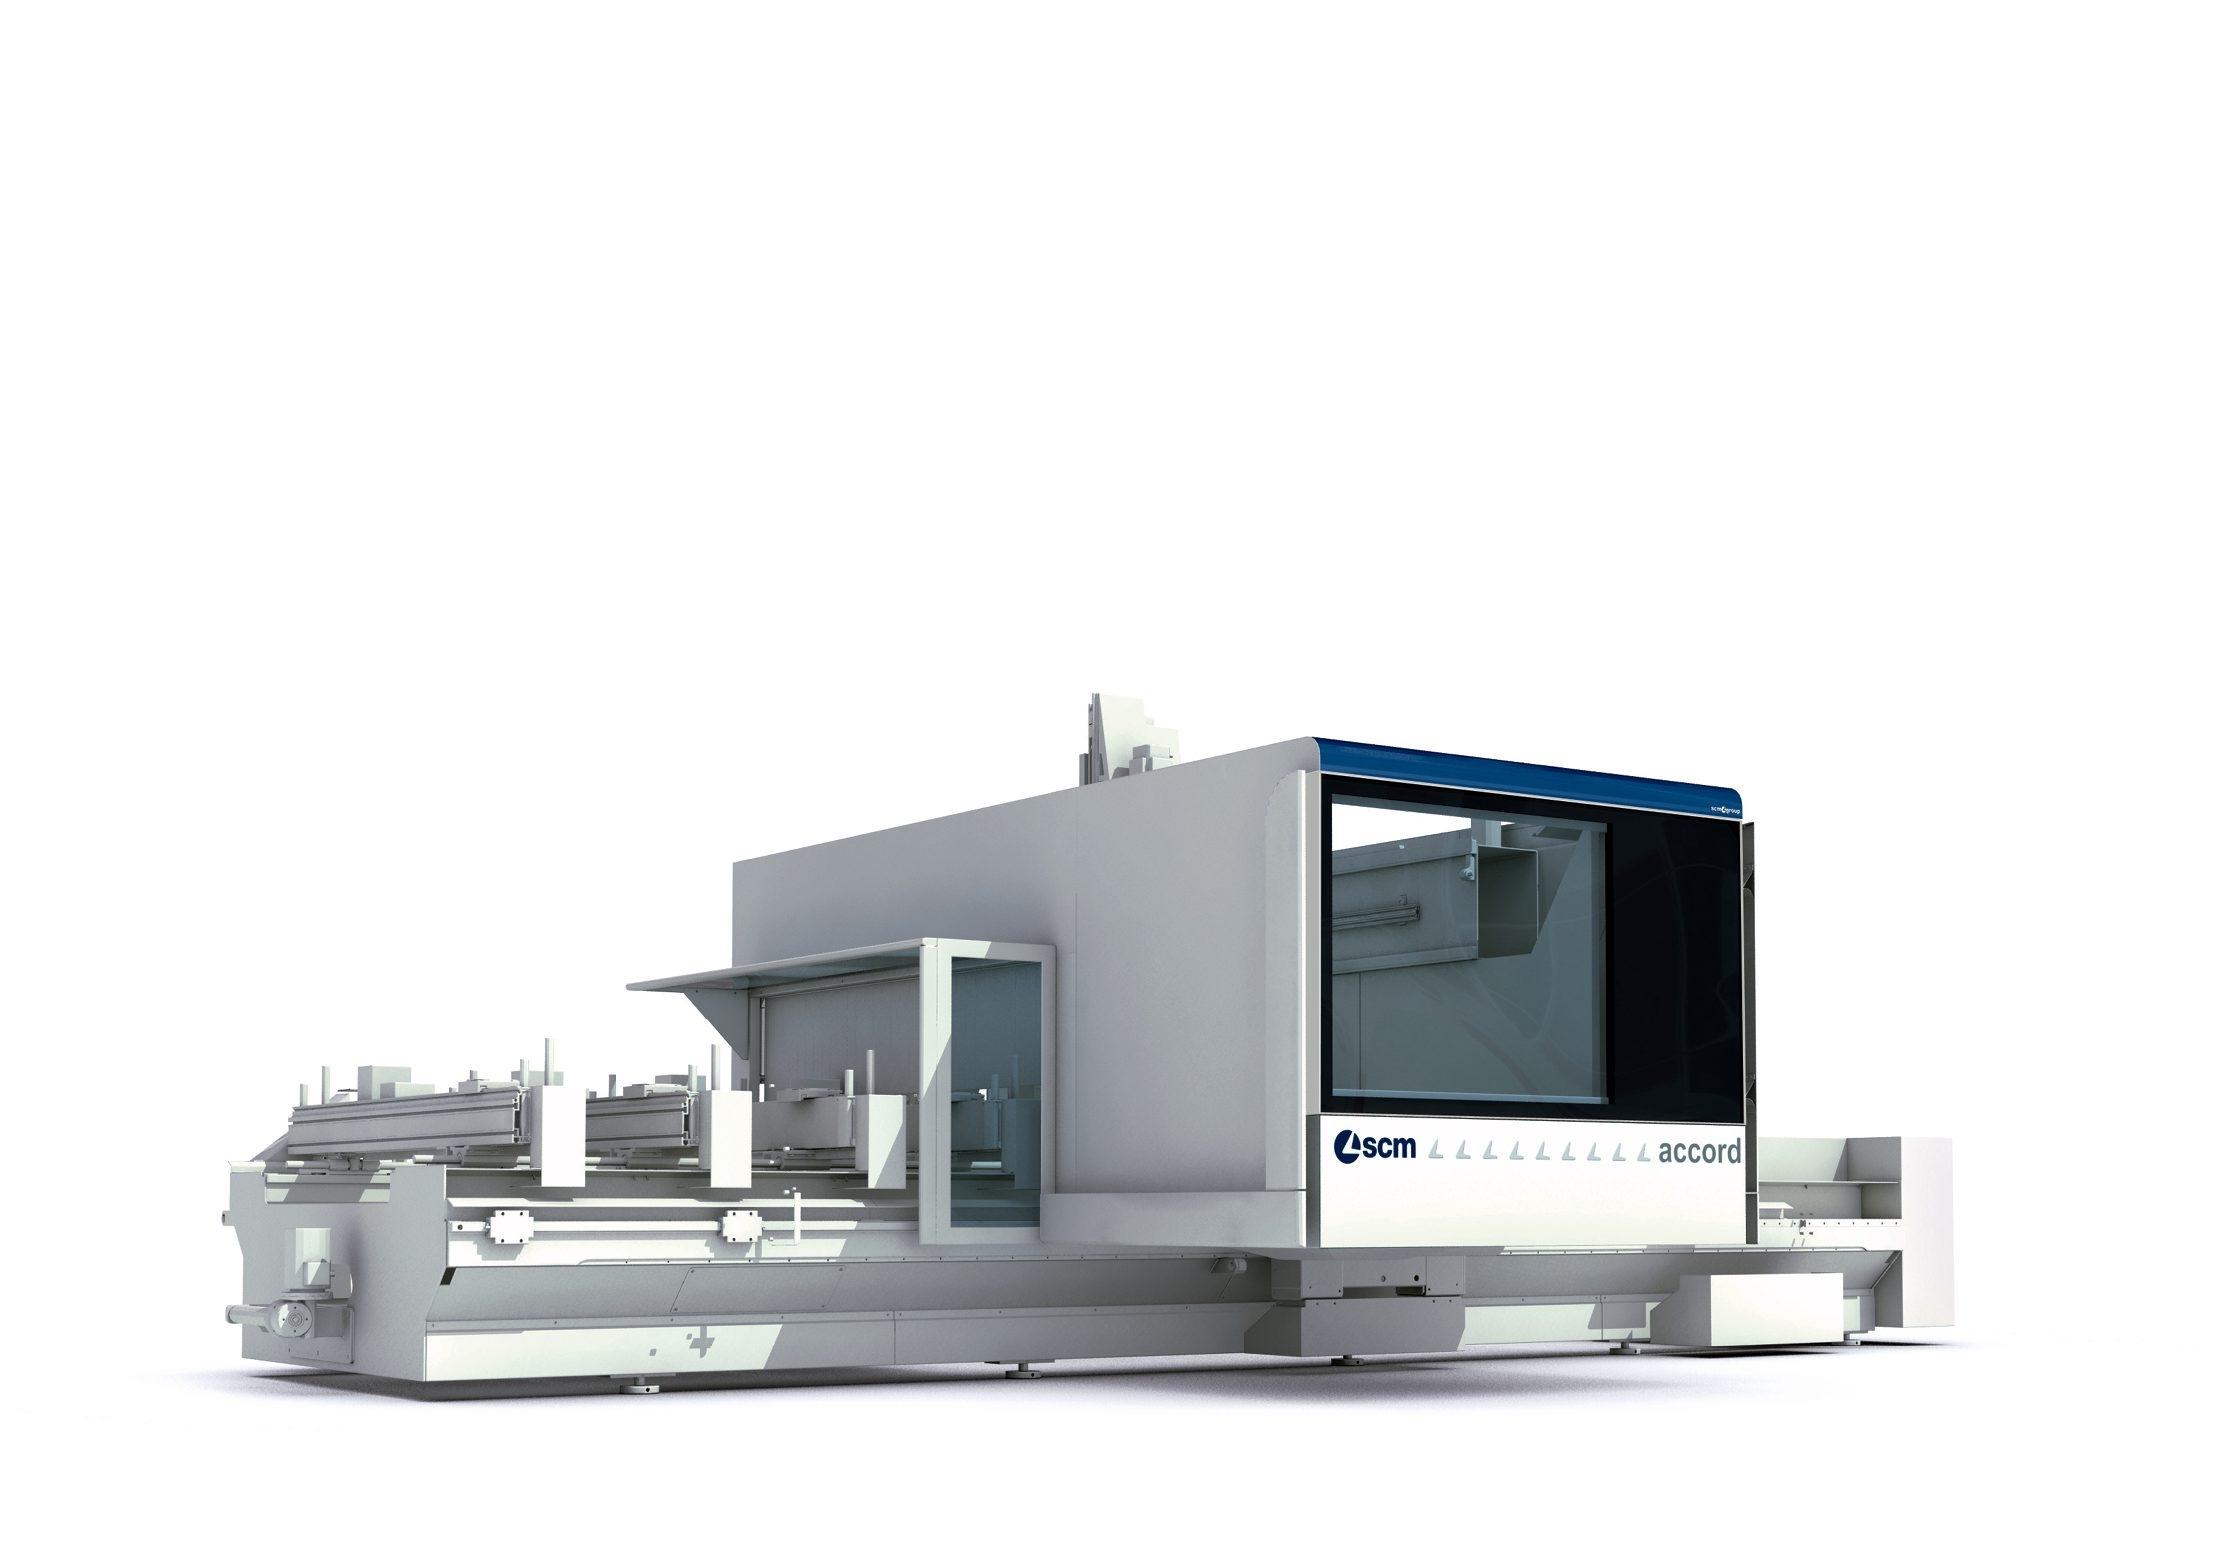 Design carrozzeria centro di lavoro CNC SCM Group